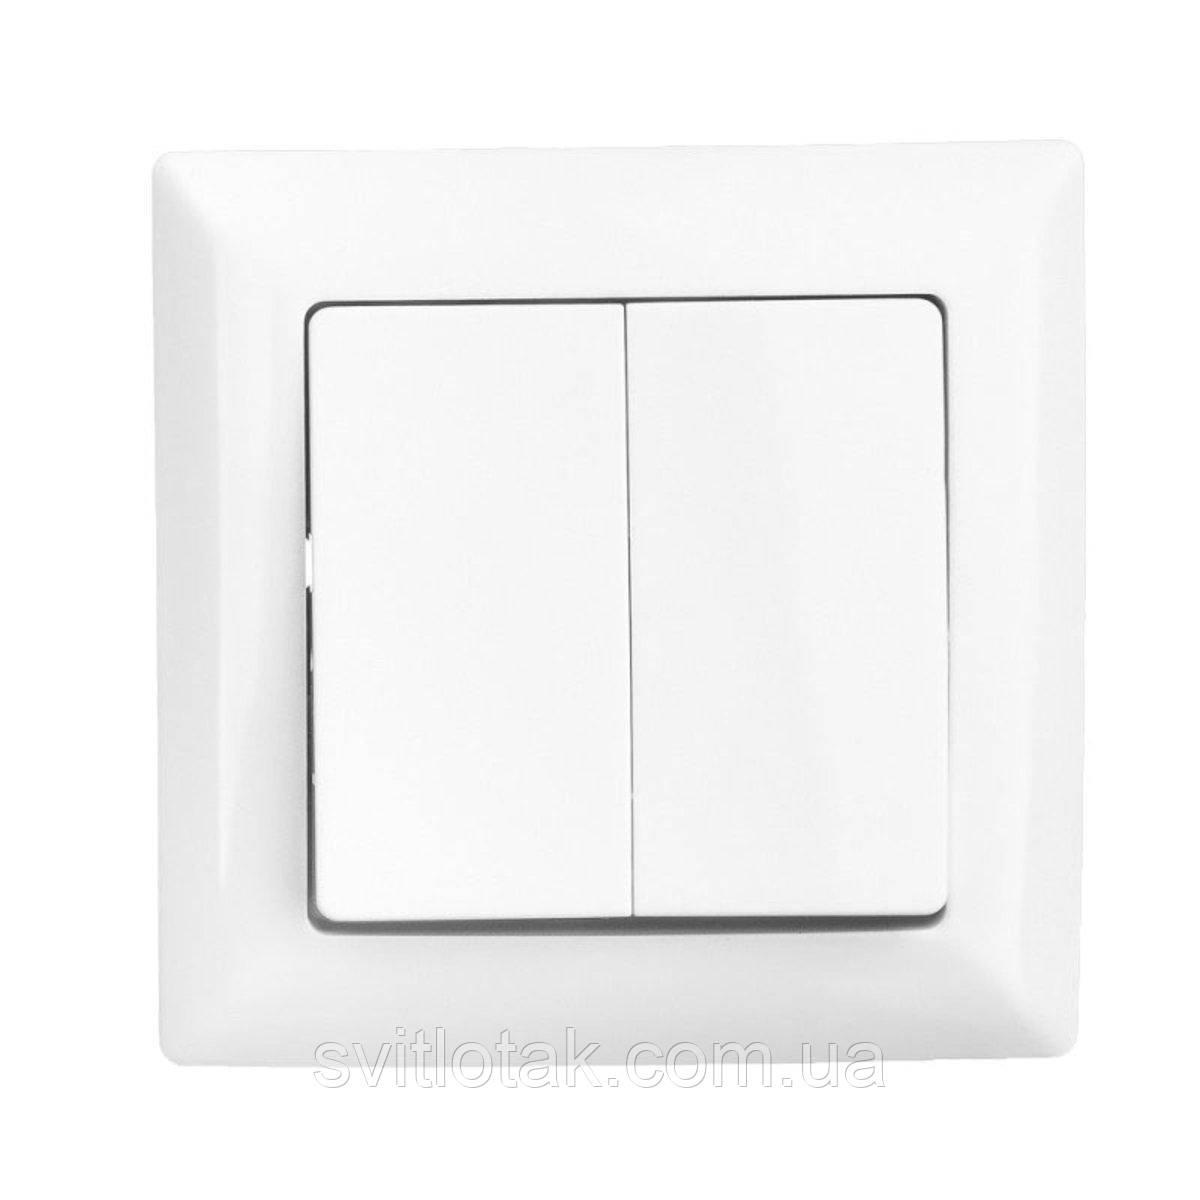 Lectris выключатель 2-ой белый